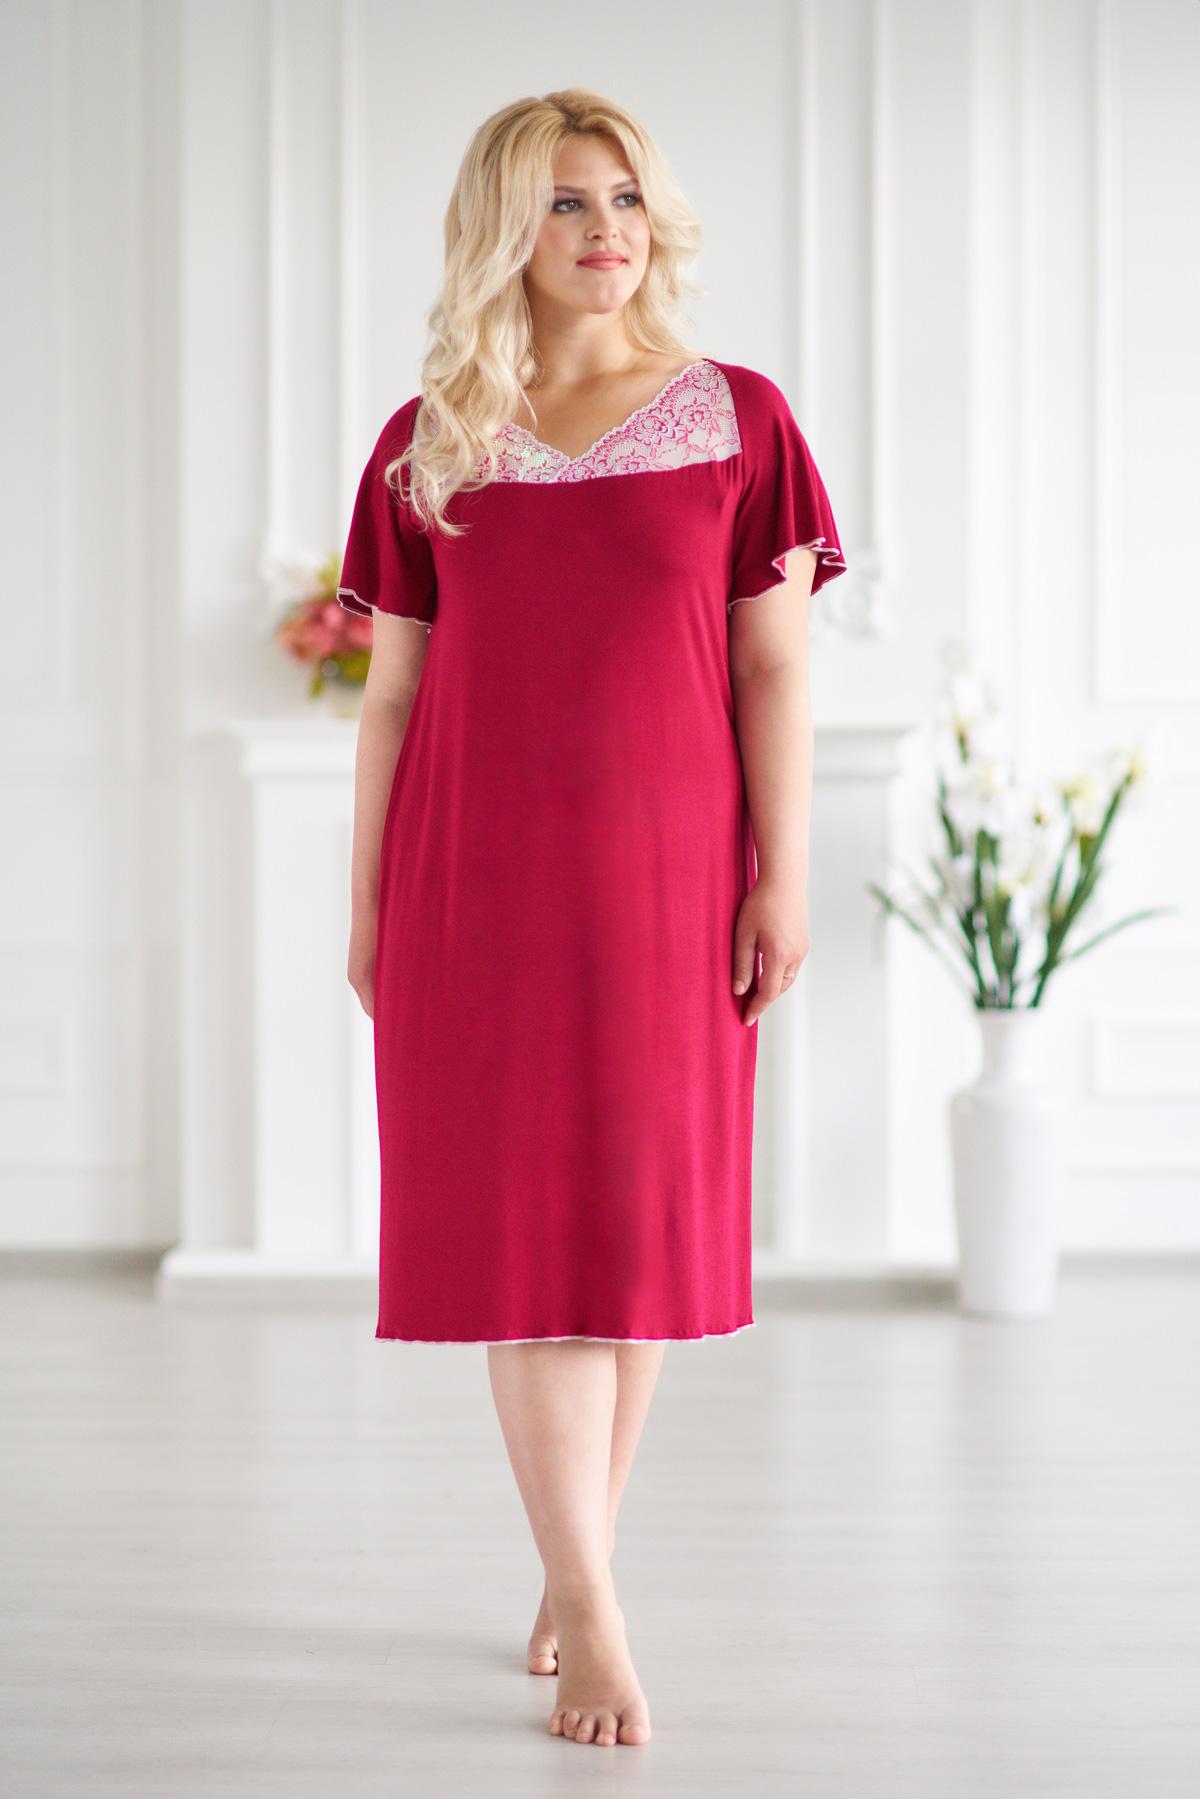 Жен. сорочка арт. 19-0053 Бордо р. 52Ночные сорочки<br>Факт. ОГ: 100 см <br>Факт. ОТ: 104 см <br>Факт. ОБ: 112 см <br>Длина по спинке: 98 см<br><br>Тип: Жен. сорочка<br>Размер: 52<br>Материал: Вискоза